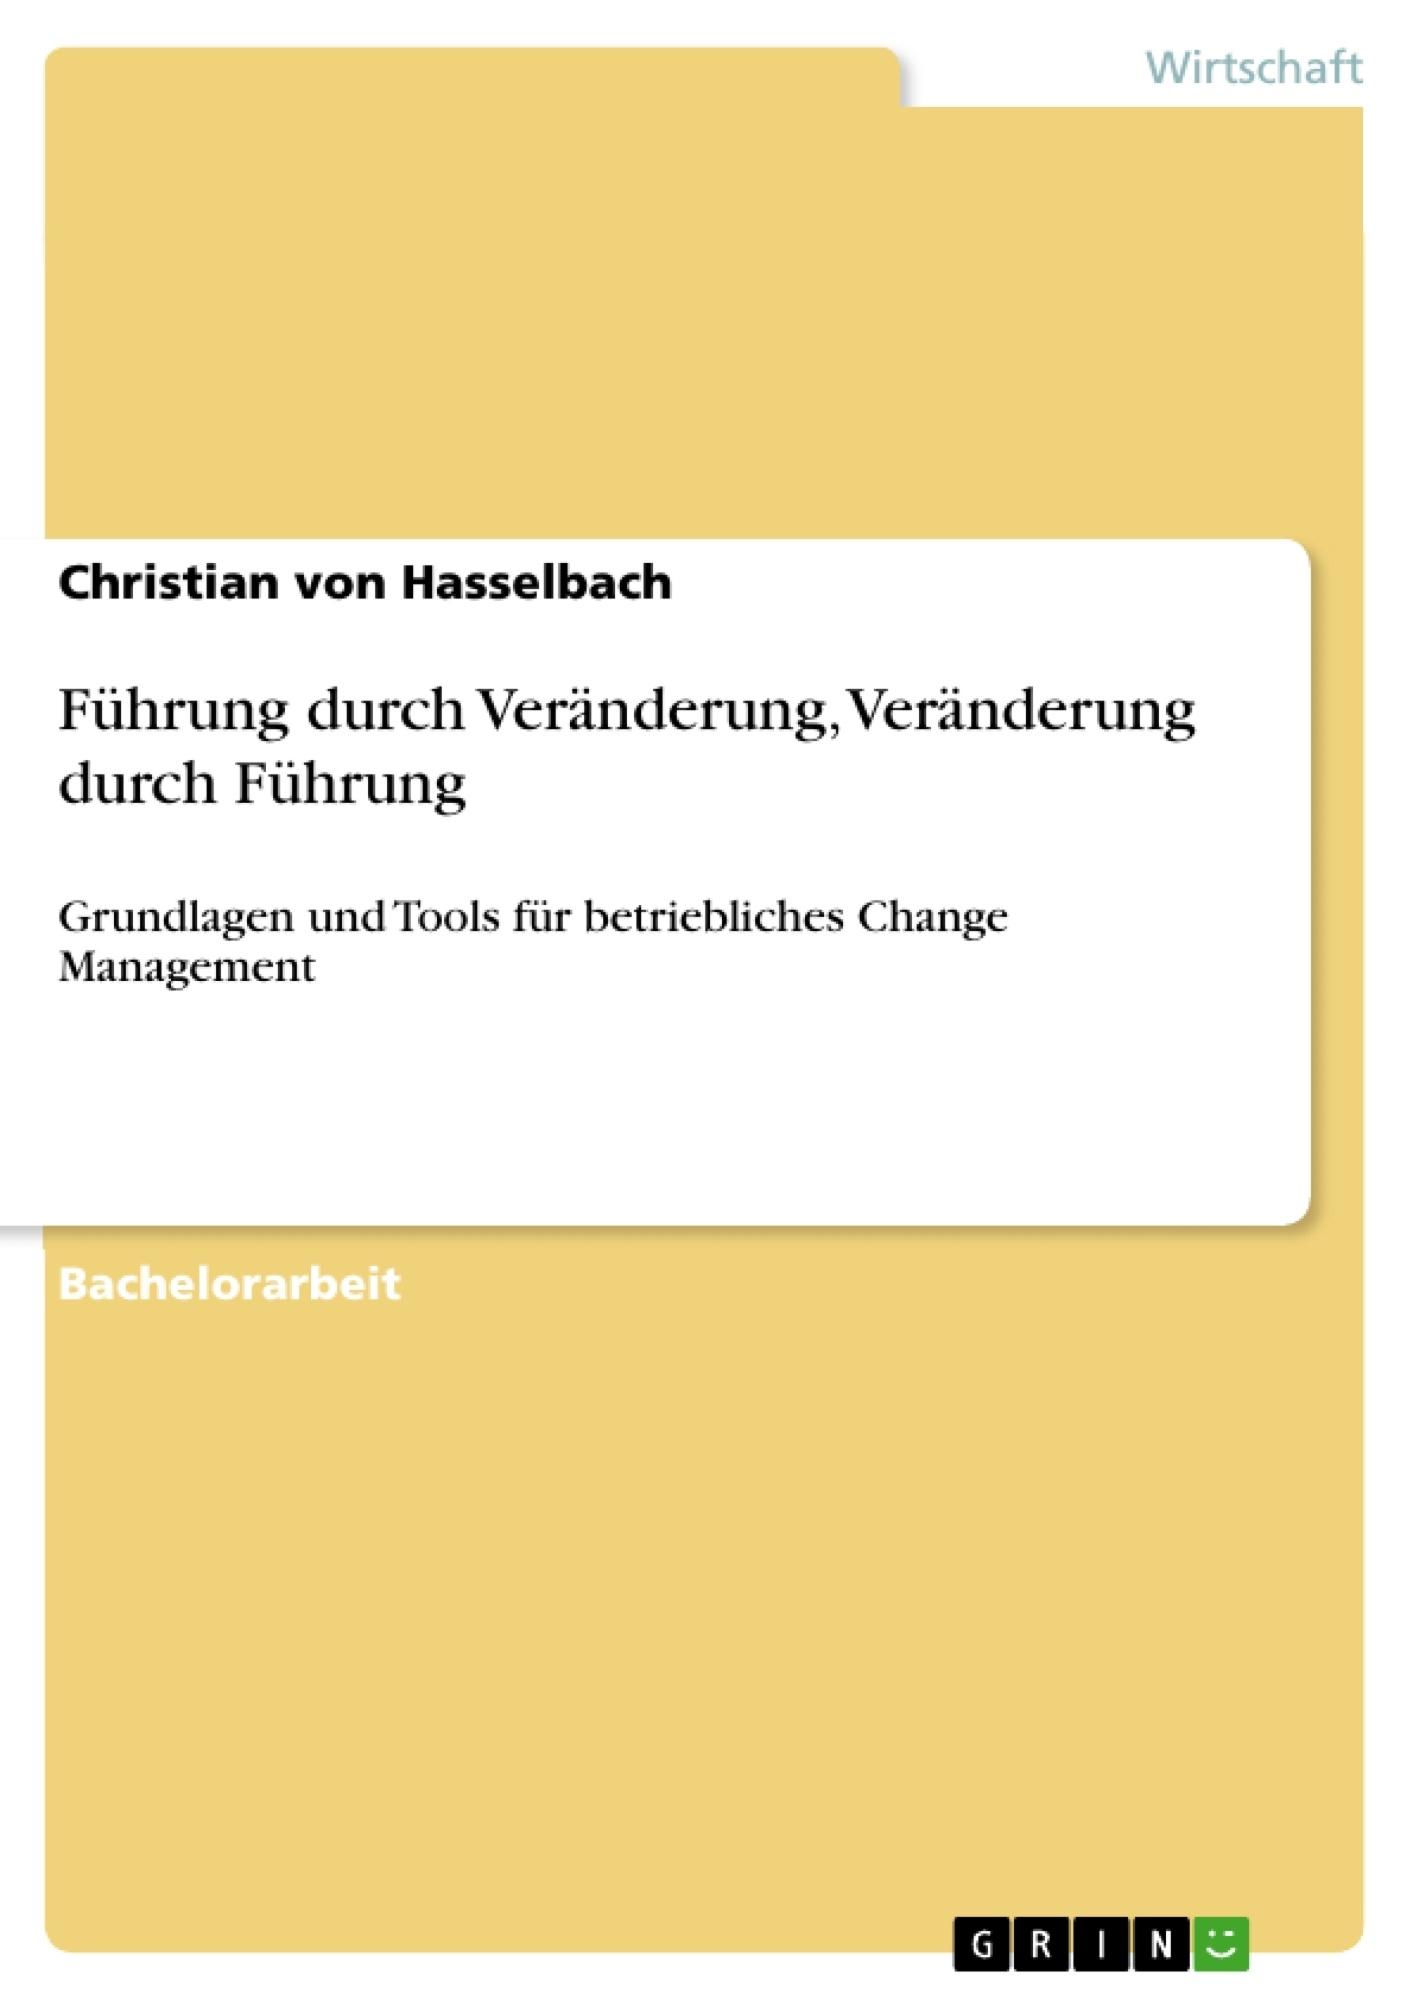 Titel: Führung durch Veränderung, Veränderung durch Führung